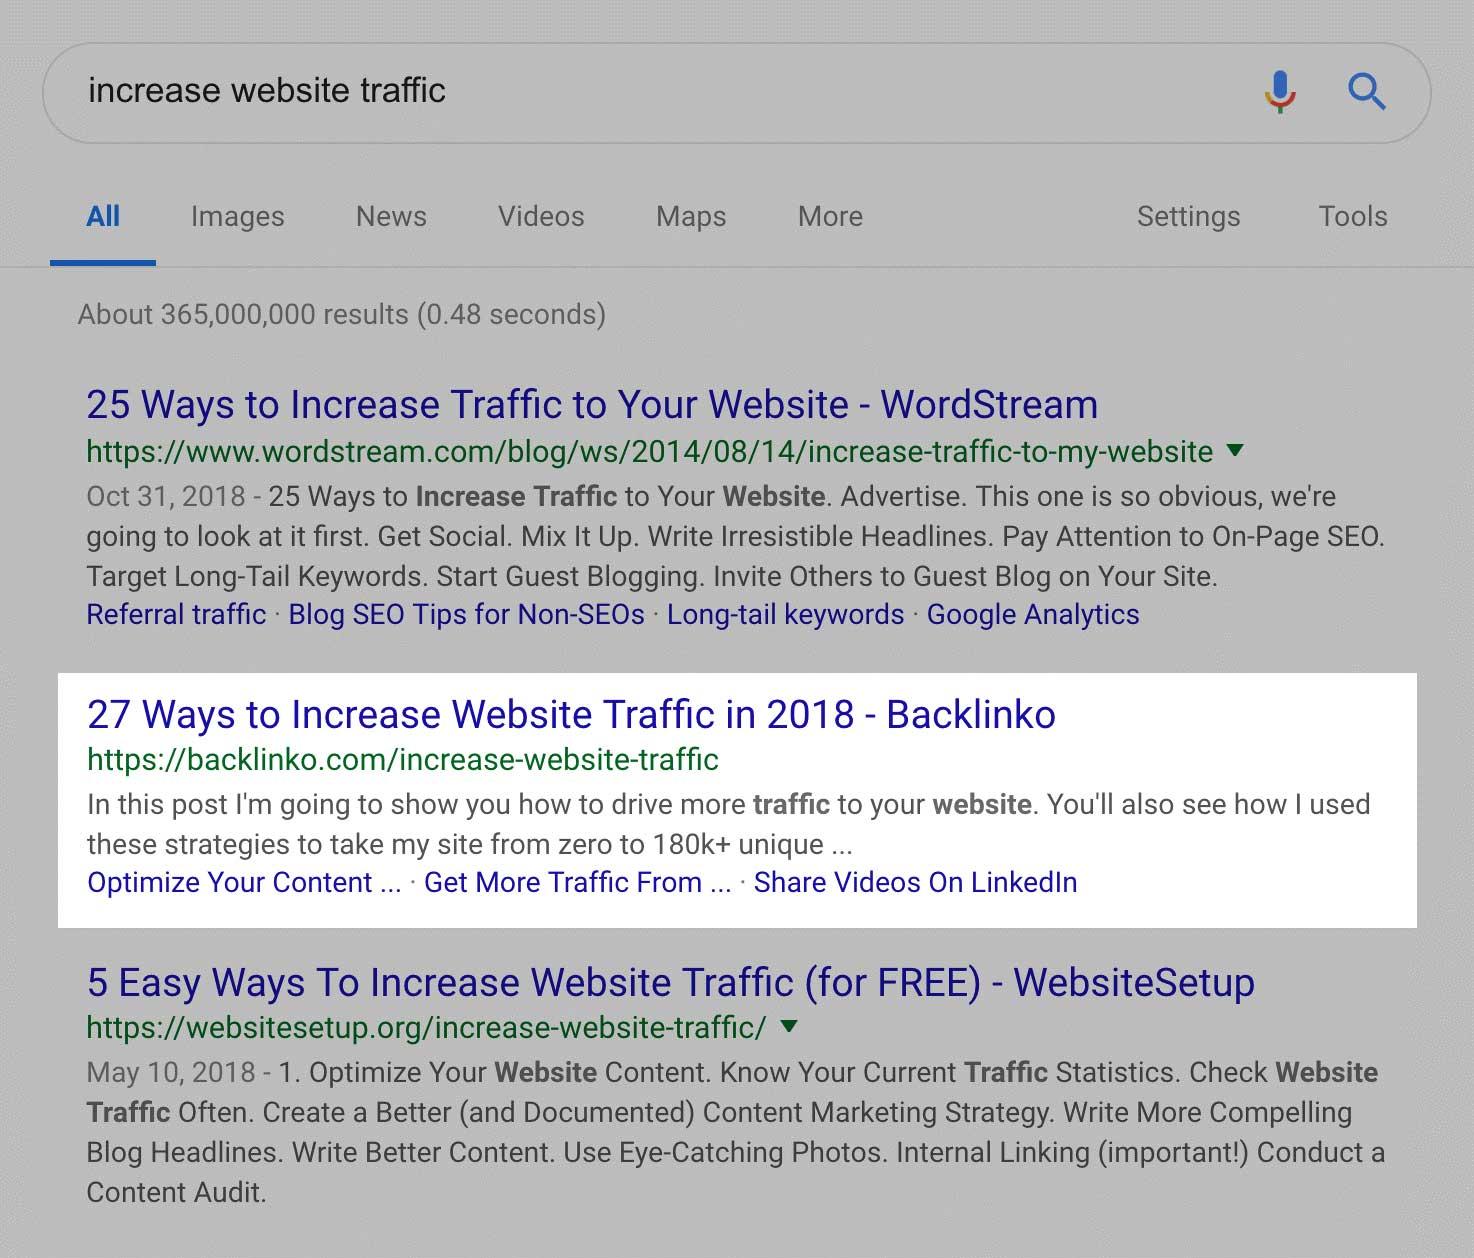 increase website traffic in serp